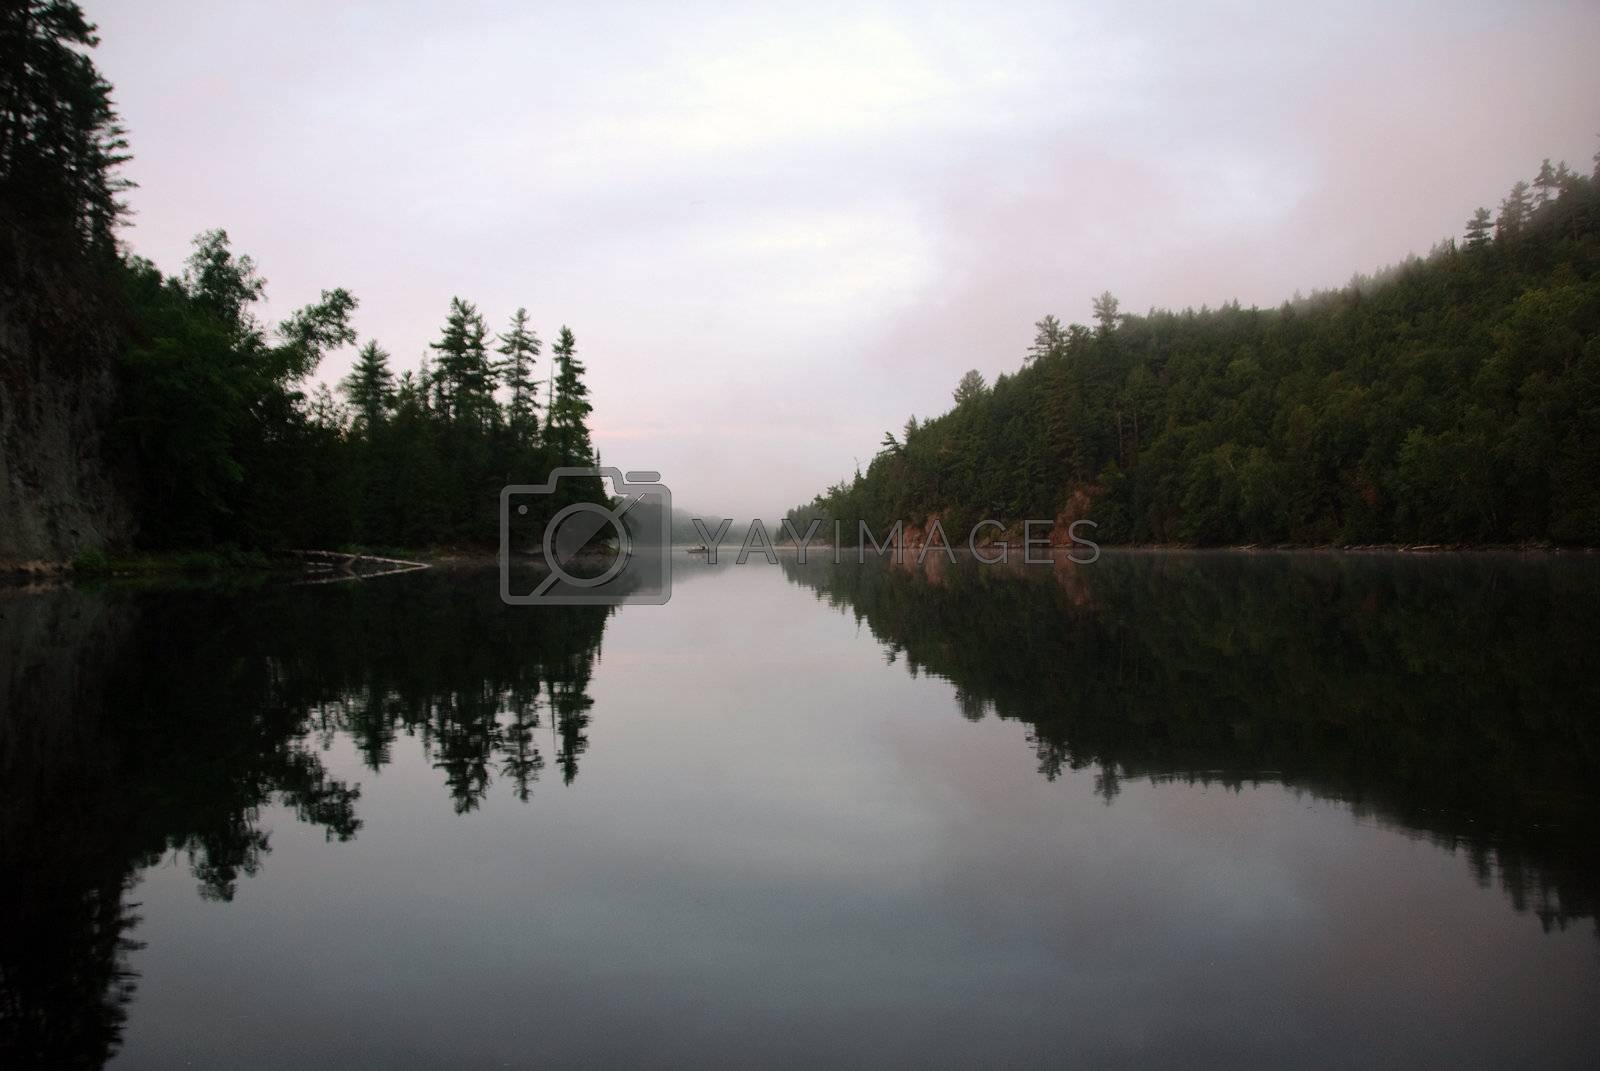 Royalty free image of Fishing lake by nialat